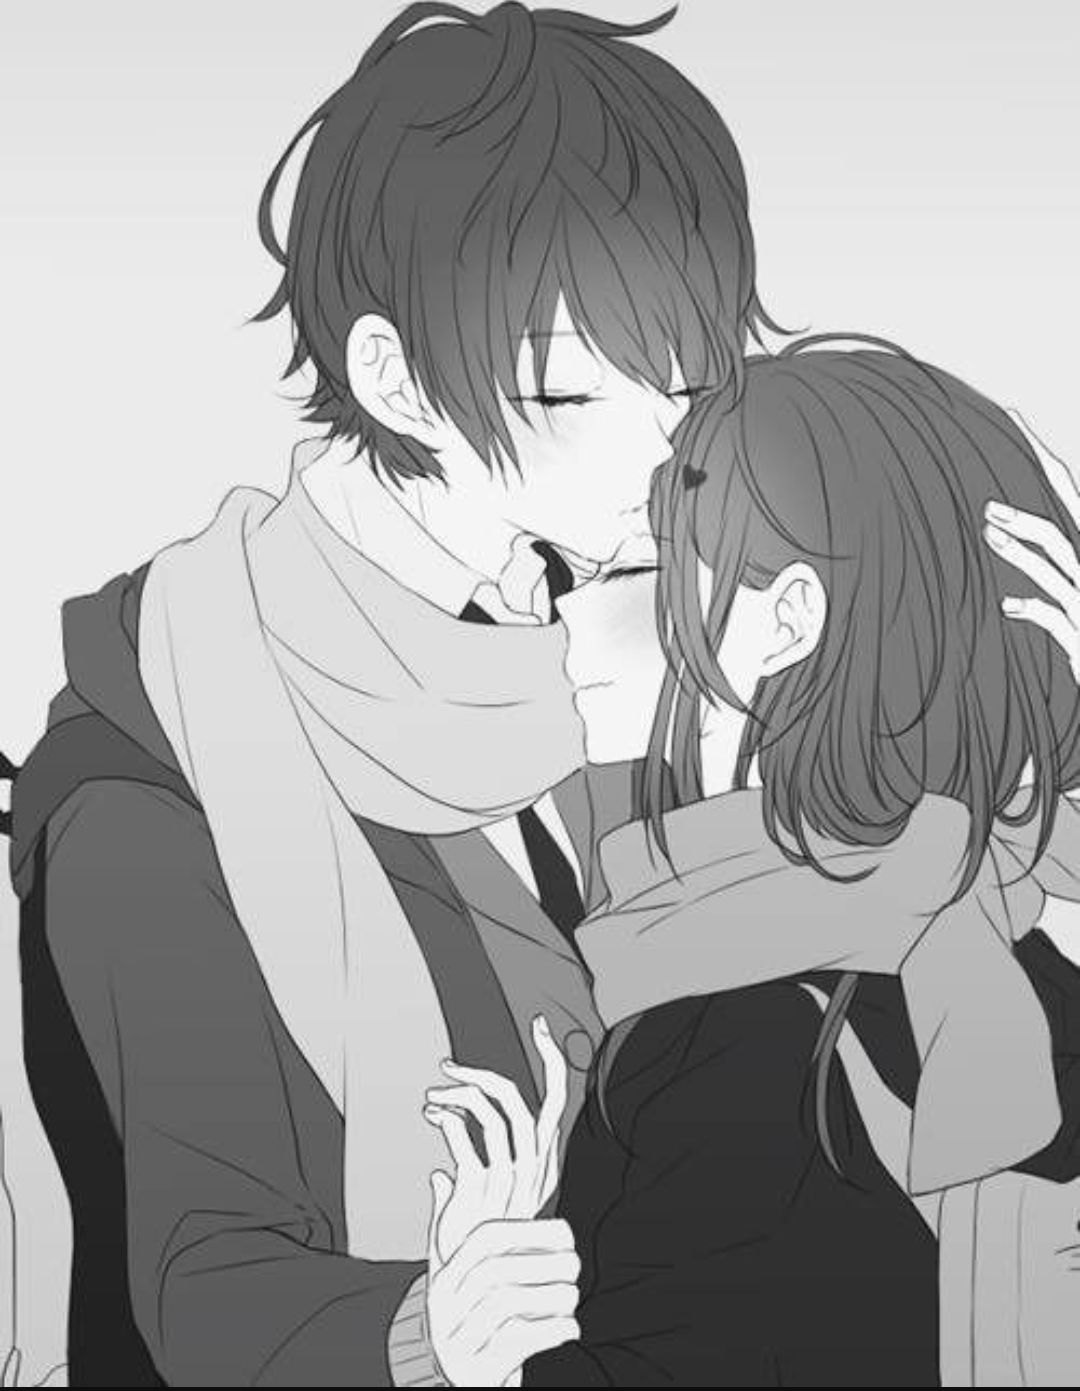 аниме картинки парня и девушки любовь